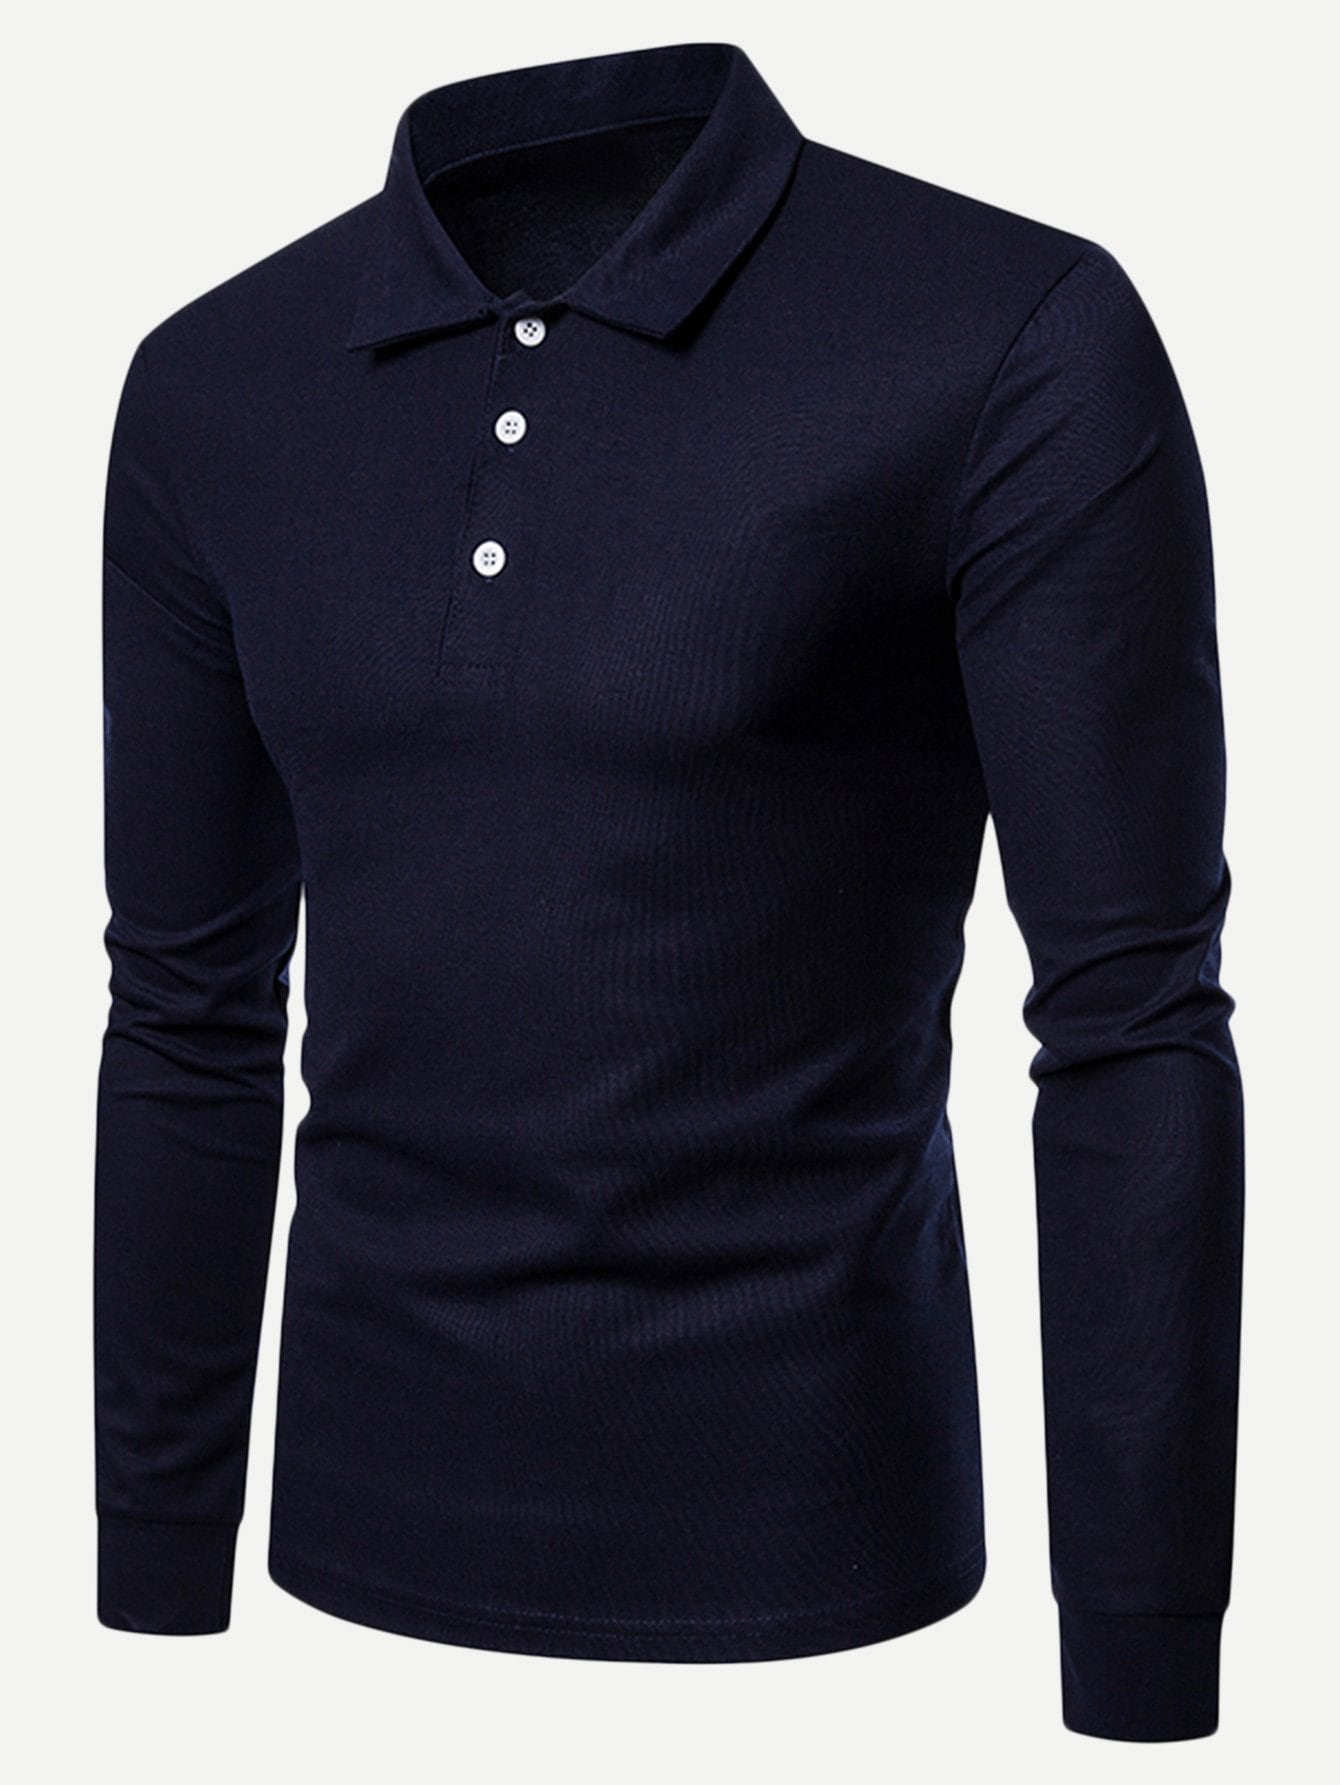 Фото - Мужская одноцветная поло футболка от SheIn черного цвета